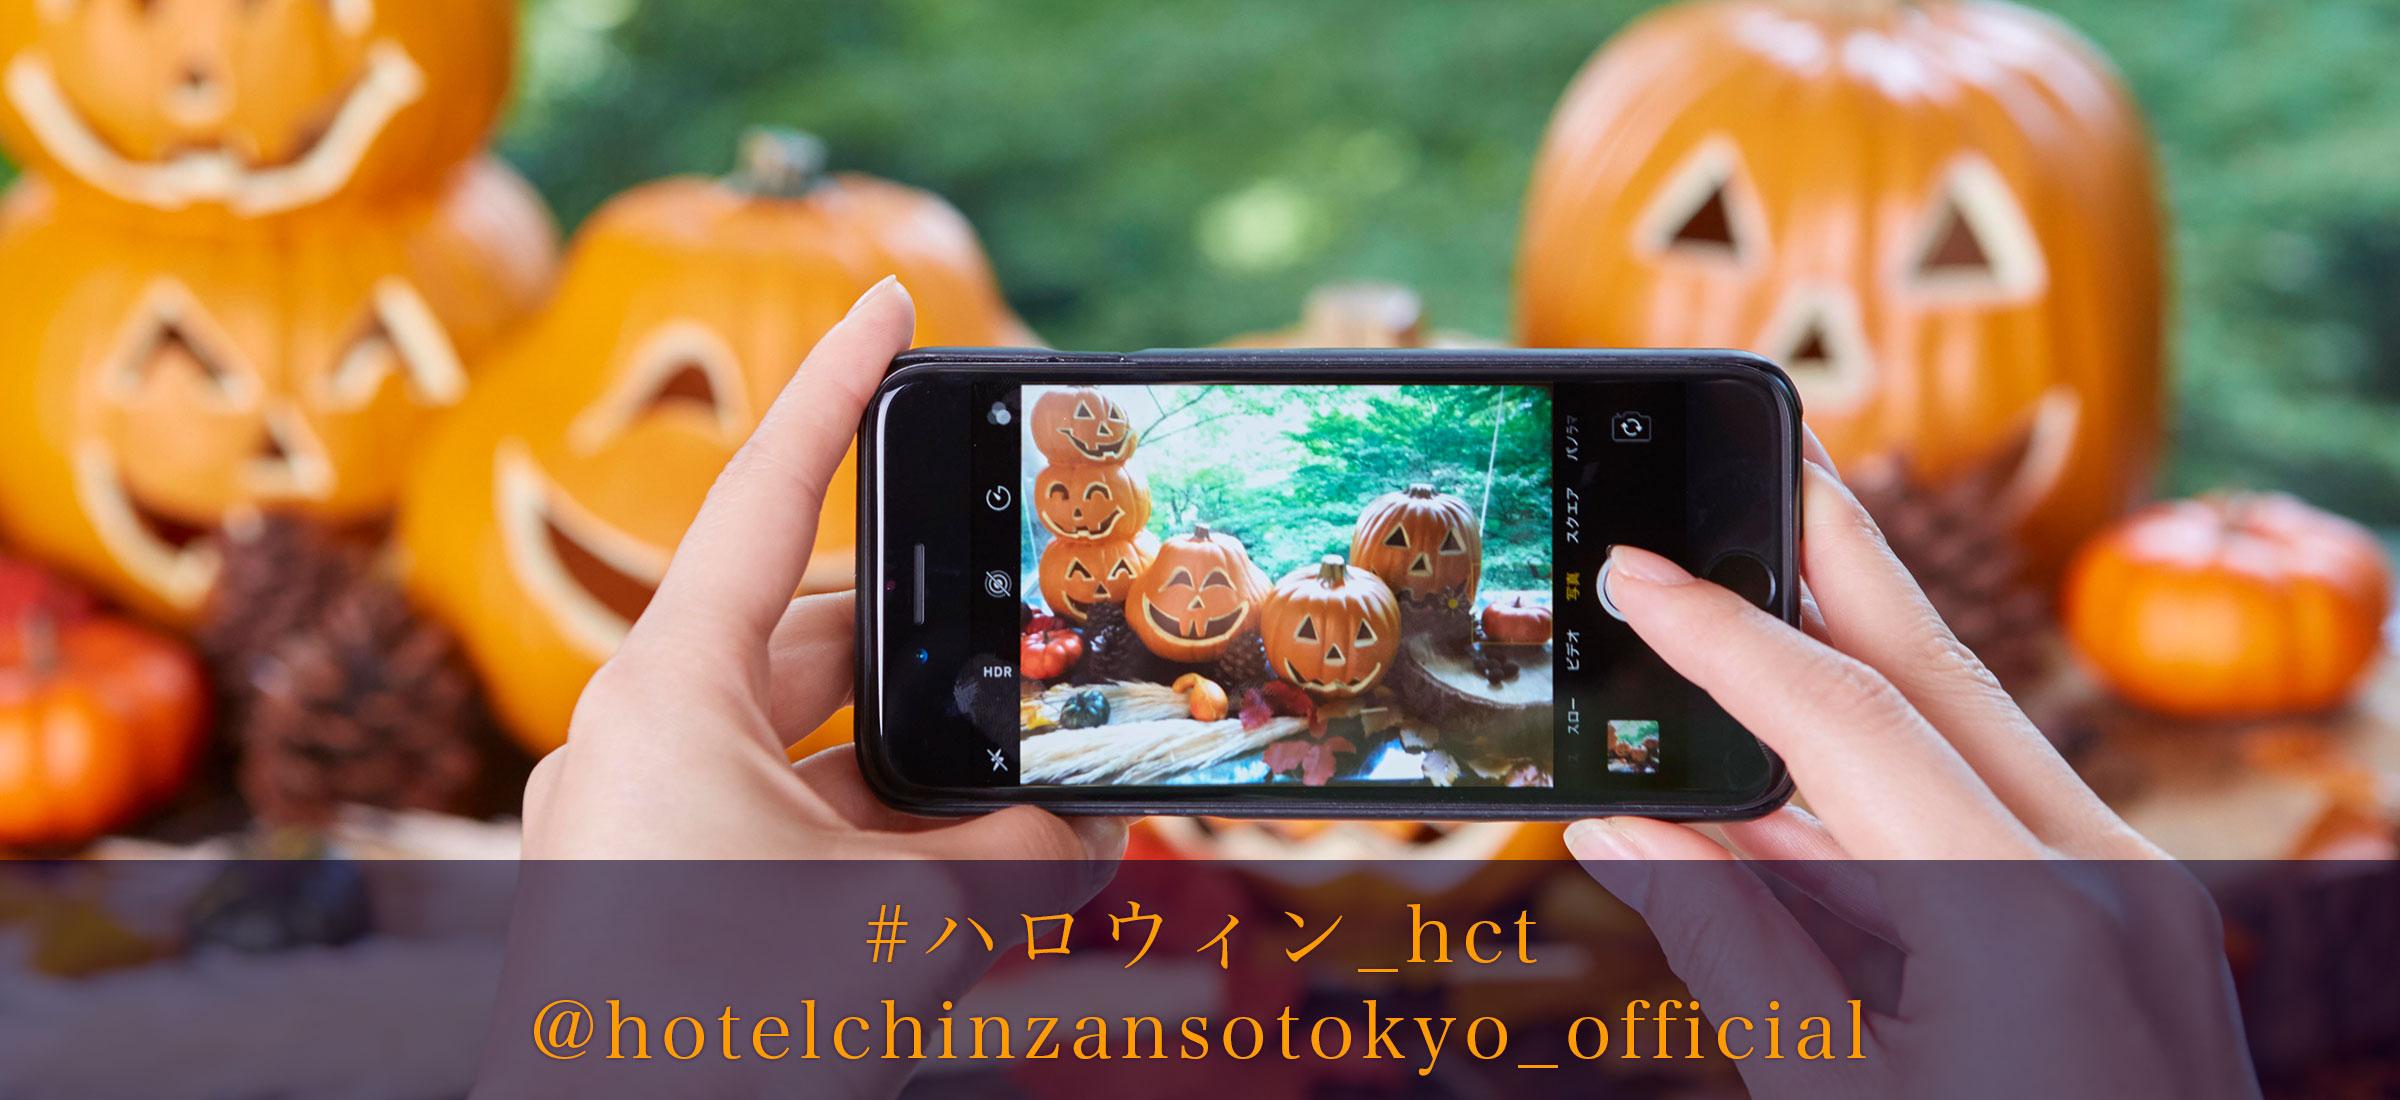 #ハロウィン_htc @hotelchinzansotokyo_official